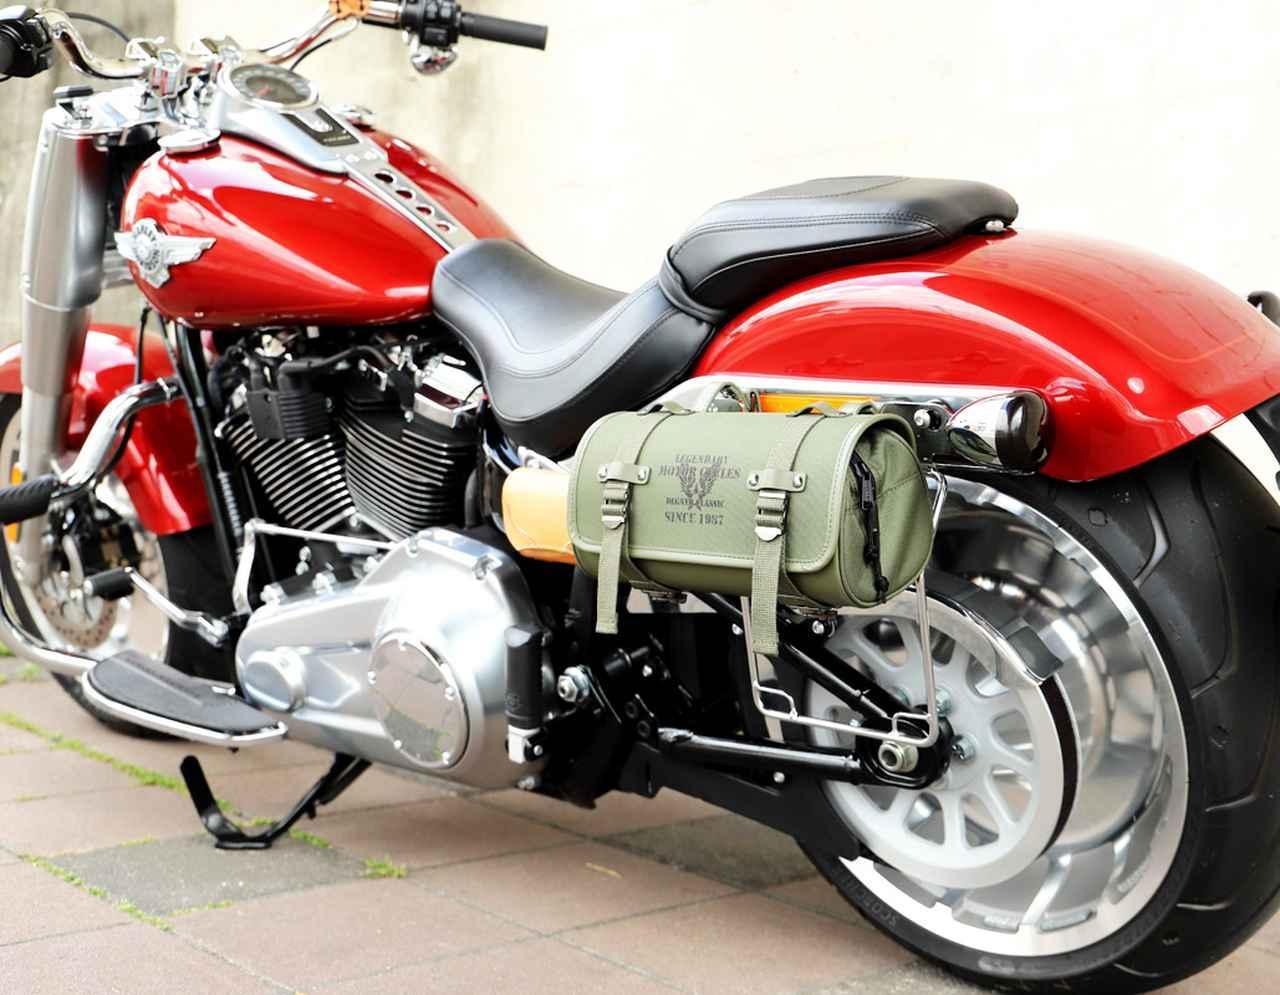 画像: 積載スペースは心の余裕。デグナーから汎用性の高い新作ツールバッグ「NB-181」が登場! - webオートバイ